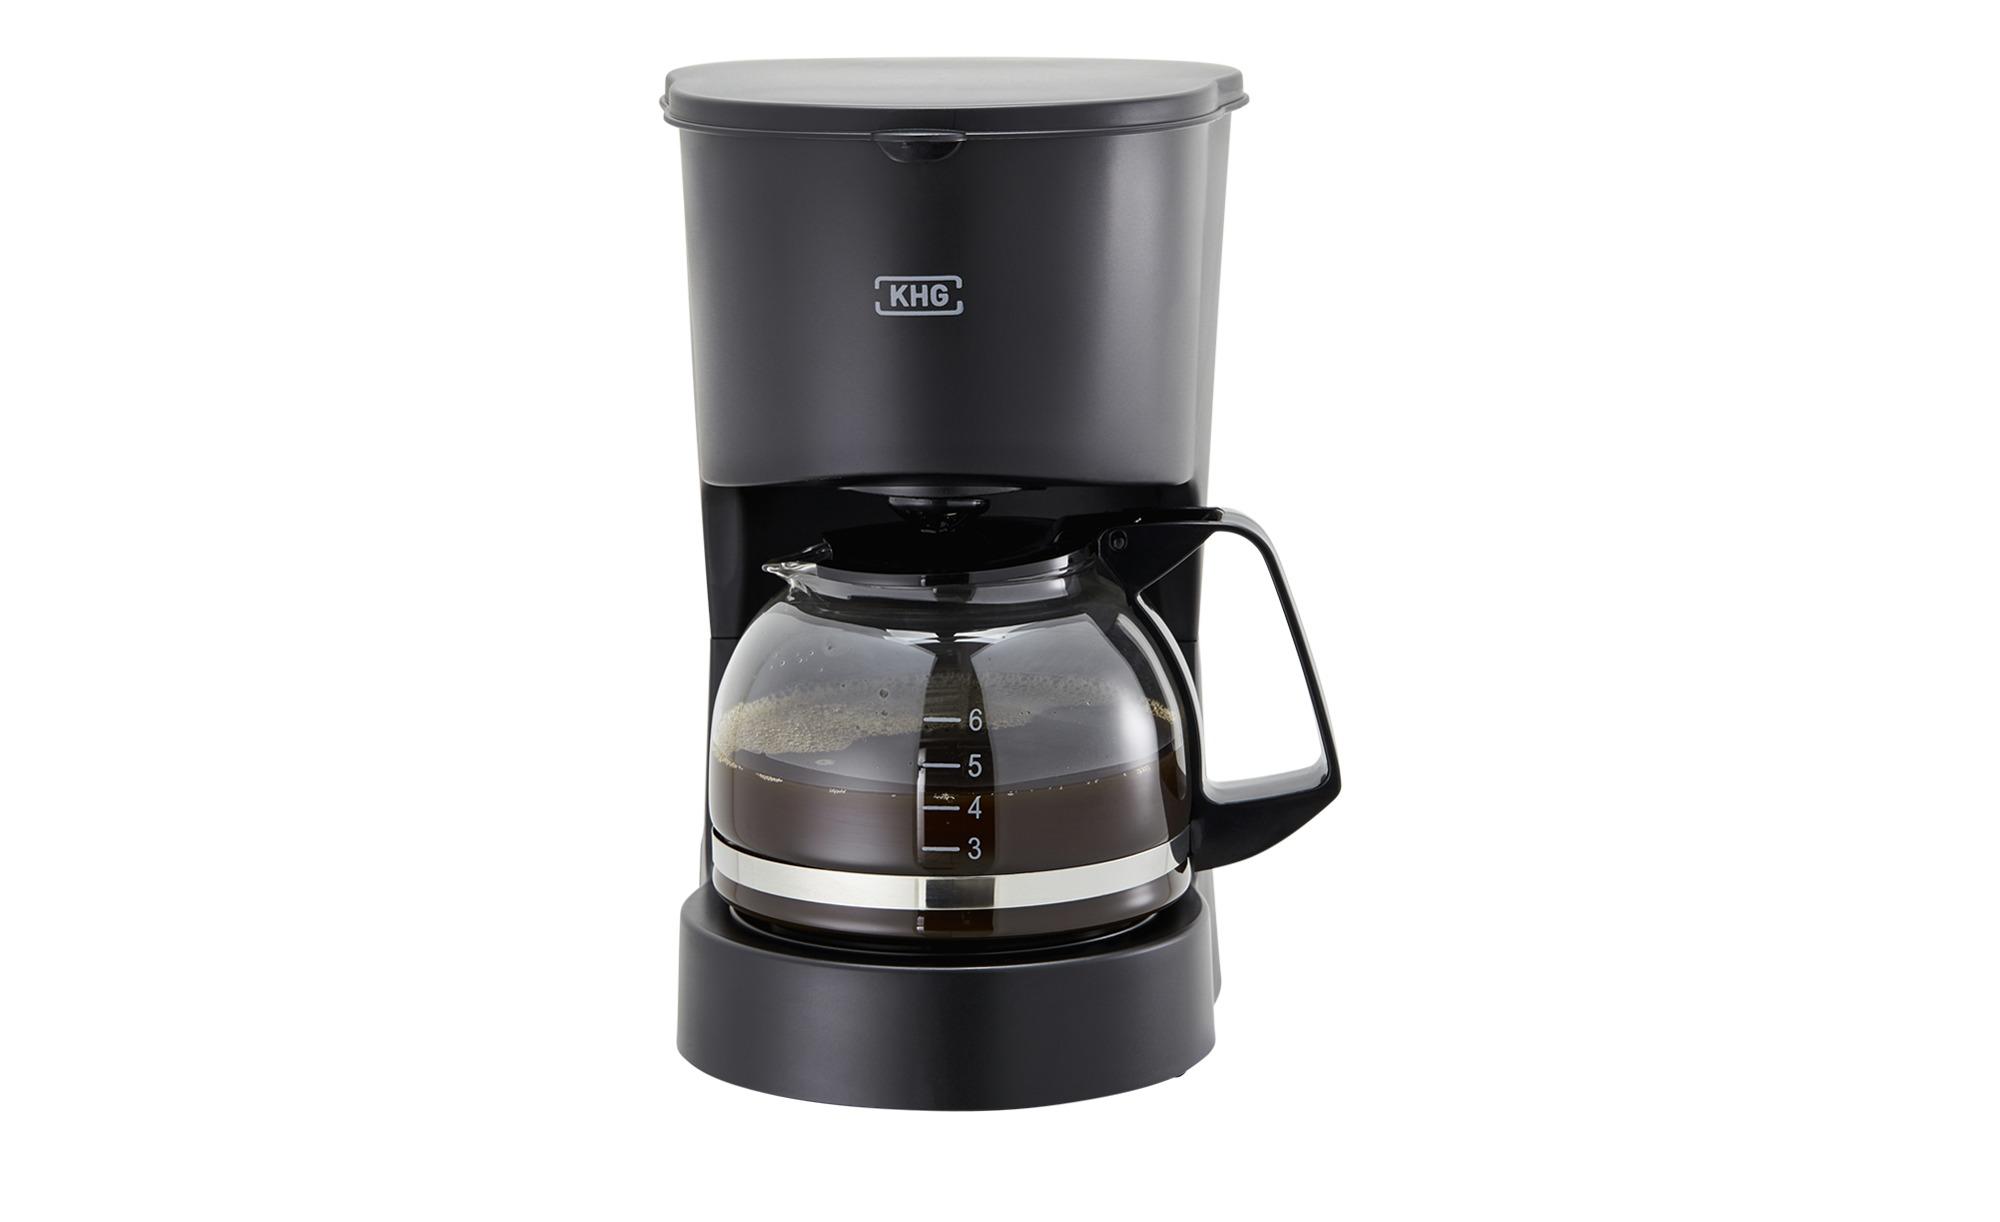 KHG Kaffeautomat  KA-127 (S) - schwarz - Kunststoff, Glas - 15 cm - 24,5 cm - 18,3 cm - Elektrokleingeräte > Kaffee & Espressomaschinen - Möbel Kraft   Küche und Esszimmer > Kaffee und Tee > Espressomaschinen   KHG